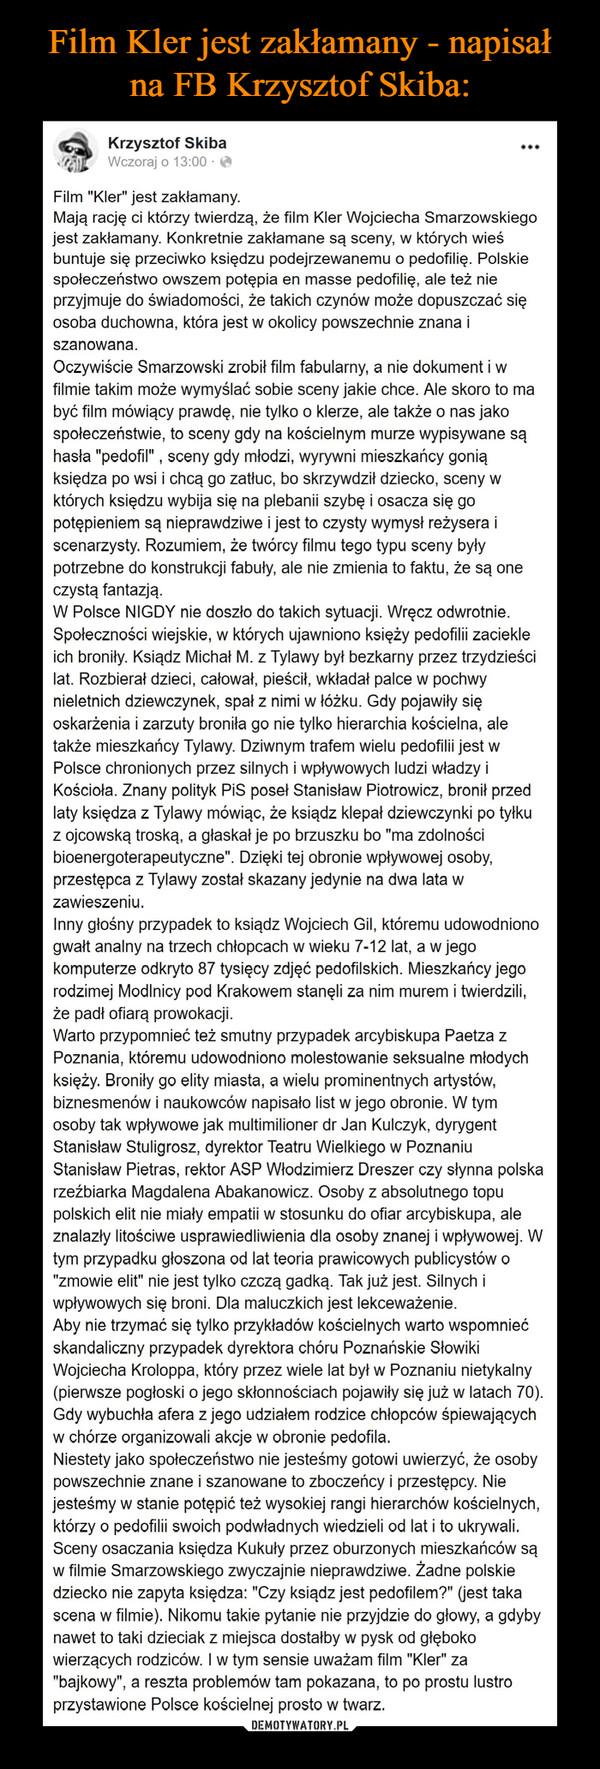 """–  Film """"Kler"""" jest zakłamany.Mają rację ci którzy twierdzą, że film Kler Wojciecha Smarzowskiego jest zakłamany. Konkretnie zakłamane są sceny, w których wieś buntuje się przeciwko księdzu podejrzewanemu o pedofilię. Polskie społeczeństwo owszem potępia en masse pedofilię, ale też nie przyjmuje do świadomości, że takich czynów może dopuszczać się osoba duchowna, która jest w okolicy powszechnie znana i szanowana. Oczywiście Smarzowski zrobił film fabularny, a nie dokument i w filmie takim może wymyślać sobie sceny jakie chce. Ale skoro to ma być film mówiący prawdę, nie tylko o klerze, ale także o nas jako społeczeństwie, to sceny gdy na kościelnym murze wypisywane są hasła """"pedofil"""" , sceny gdy młodzi, wyrywni mieszkańcy gonią księdza po wsi i chcą go zatłuc, bo skrzywdził dziecko, sceny w których księdzu wybija się na plebanii szybę i osacza się go potępieniem są nieprawdziwe i jest to czysty wymysł reżysera i scenarzysty. Rozumiem, że twórcy filmu tego typu sceny były potrzebne do konstrukcji fabuły, ale nie zmienia to faktu, że są one czystą fantazją. W Polsce NIGDY nie doszło do takich sytuacji. Wręcz odwrotnie. Społeczności wiejskie, w których ujawniono księży pedofilii zaciekle ich broniły. Ksiądz Michał M. z Tylawy był bezkarny przez trzydzieści lat. Rozbierał dzieci, całował, pieścił, wkładał palce w pochwy nieletnich dziewczynek, spał z nimi w łóżku. Gdy pojawiły się oskarżenia i zarzuty broniła go nie tylko hierarchia kościelna, ale także mieszkańcy Tylawy. Dziwnym trafem wielu pedofilii jest w Polsce chronionych przez silnych i wpływowych ludzi władzy i Kościoła. Znany polityk PiS poseł Stanisław Piotrowicz, bronił przed laty księdza z Tylawy mówiąc, że ksiądz klepał dziewczynki po tyłku z ojcowską troską, a głaskał je po brzuszku bo """"ma zdolności bioenergoterapeutyczne"""". Dzięki tej obronie wpływowej osoby, przestępca z Tylawy został skazany jedynie na dwa lata w zawieszeniu. Inny głośny przypadek to ksiądz Wojciech Gil, któremu udowodniono gwałt analny"""